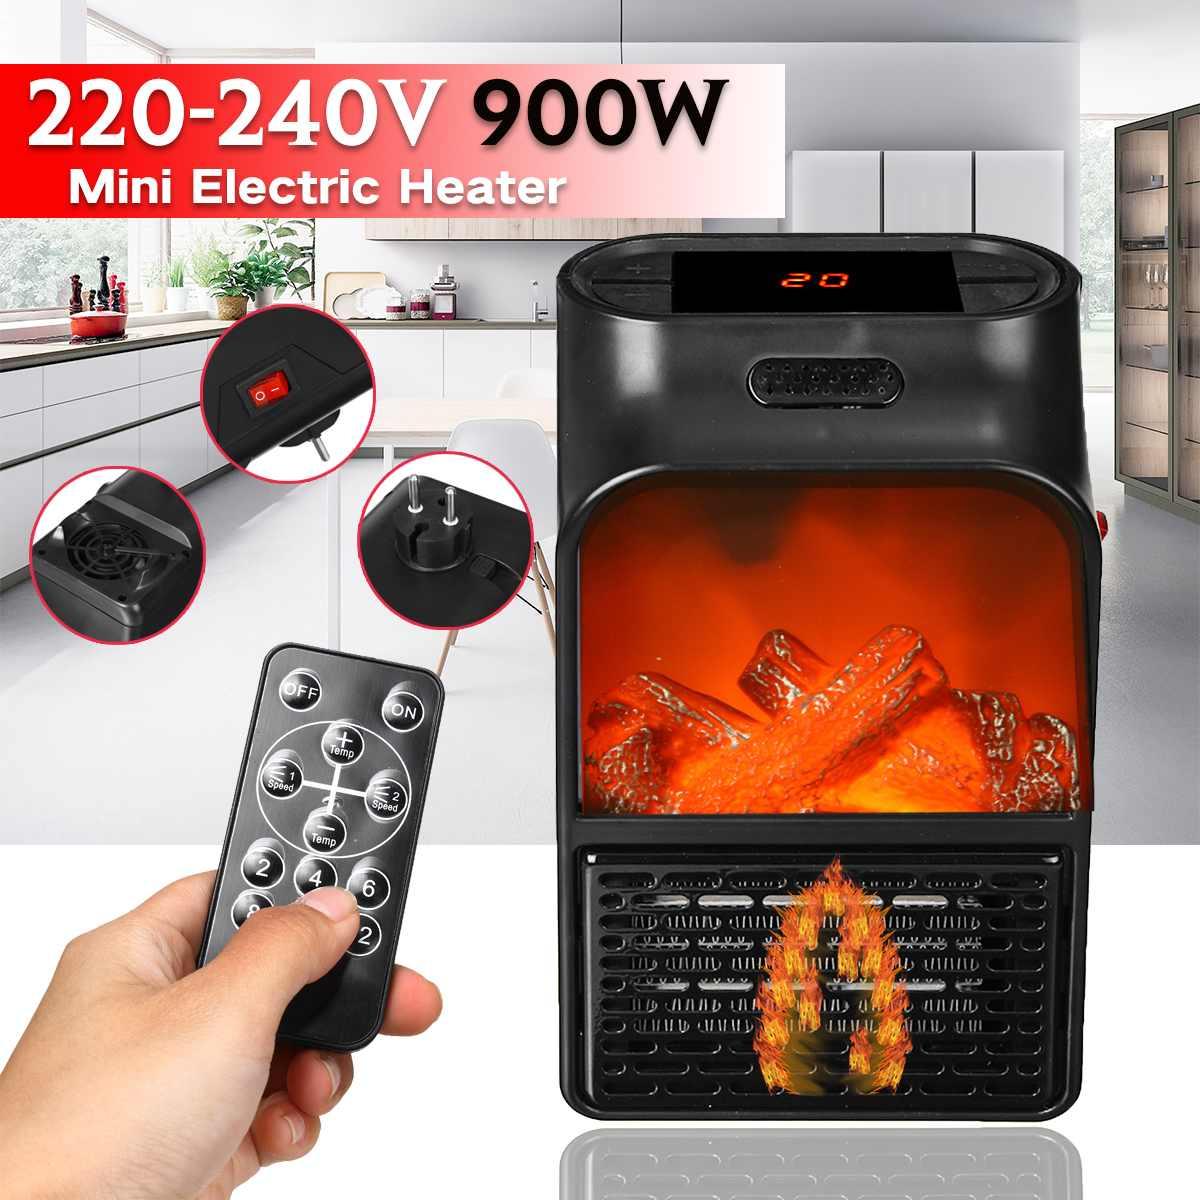 Мини Удобный Электрический обогреватель вентилятора 900 Вт, зимние портативные Подогреватели для рук и ног, обогреватель воздуха, настенный ...